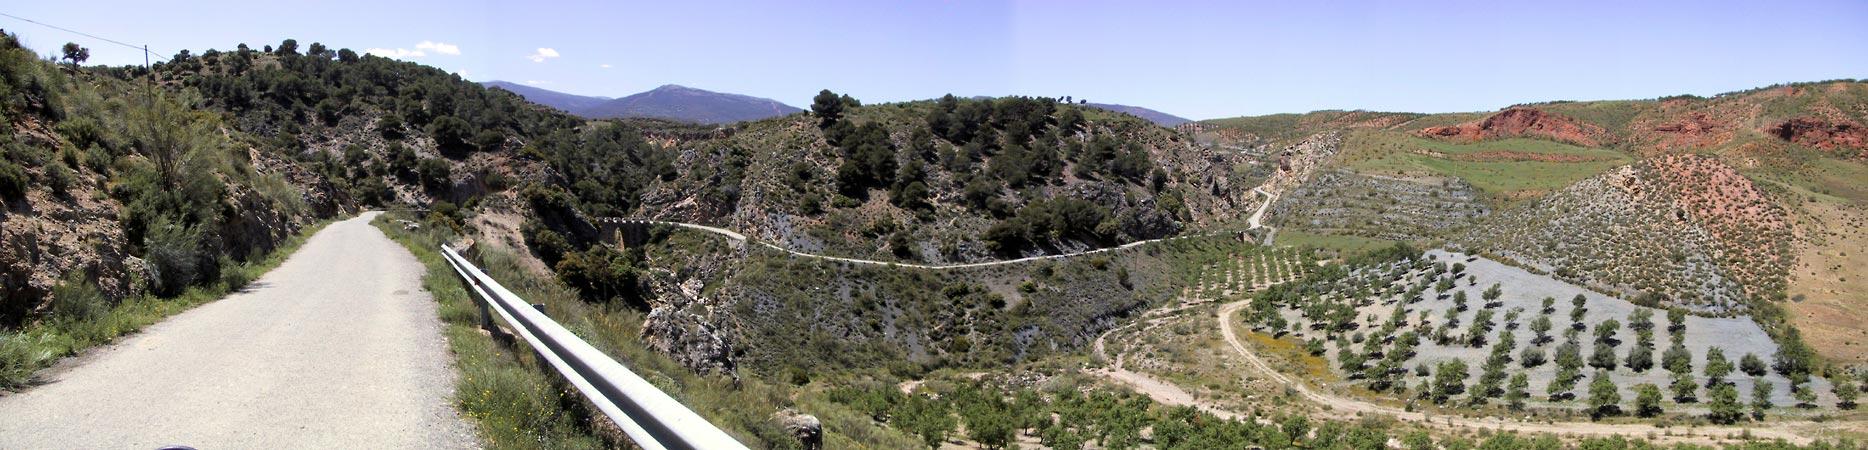 Olijfboomgaarden, heuvels met woestenij, rode aarde, en een weg daar slingerend doorheen